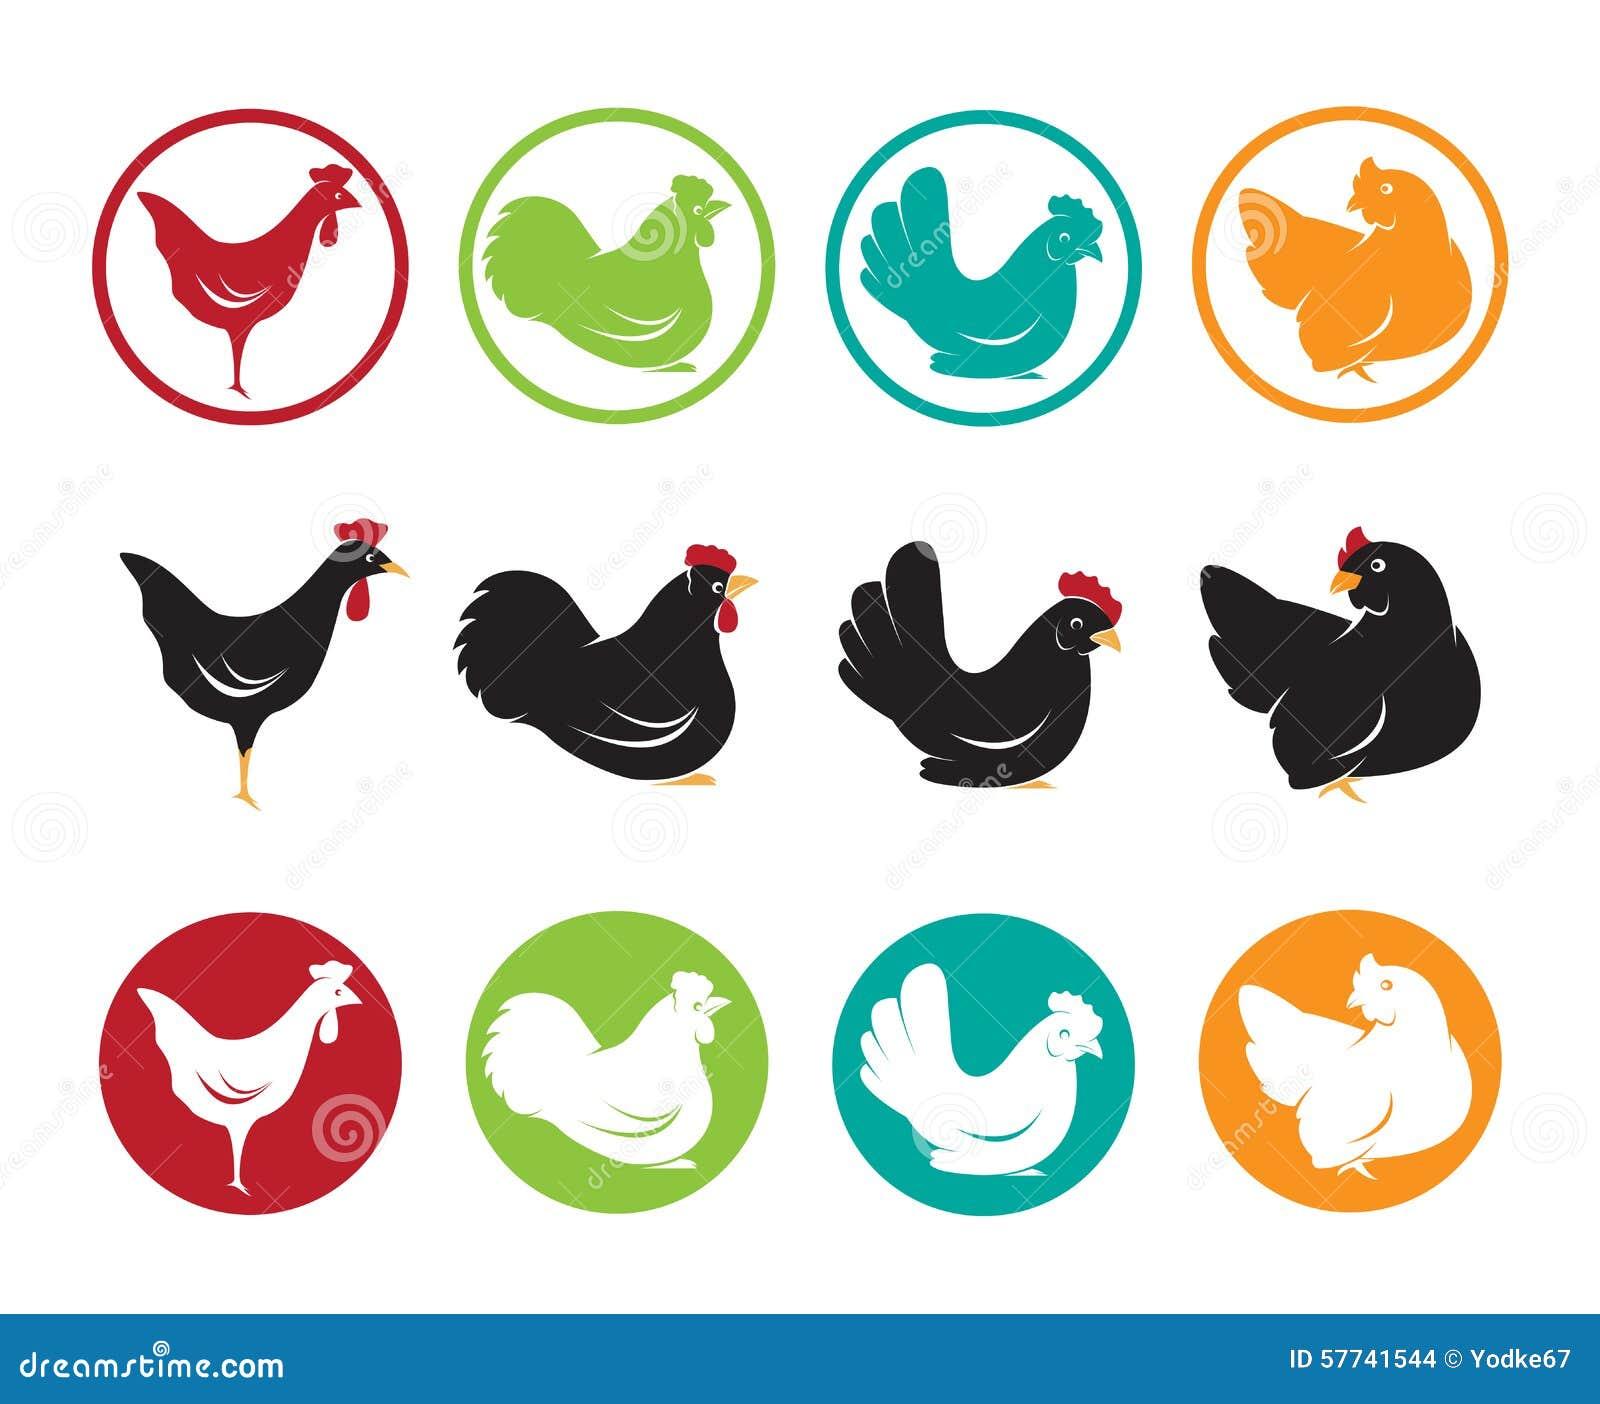 Image de vecteur d 39 une conception de poule illustration de vecteur illustration du l ment - Image d une poule ...